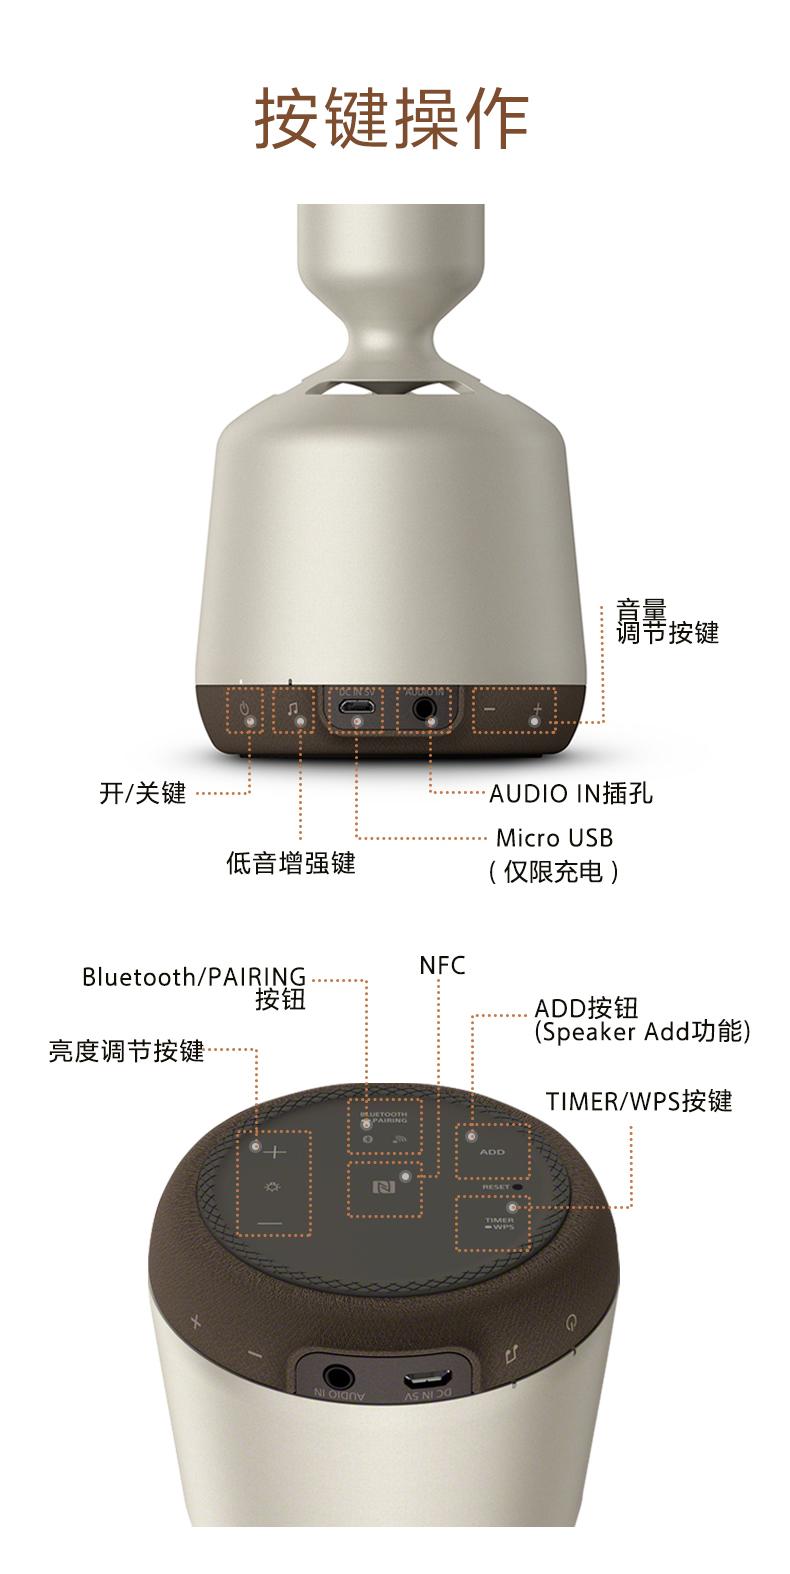 Loa Bluetooth Âm thanh thanh thanh thanh thanh thanh thanh duy nhất của đường cong tai dài